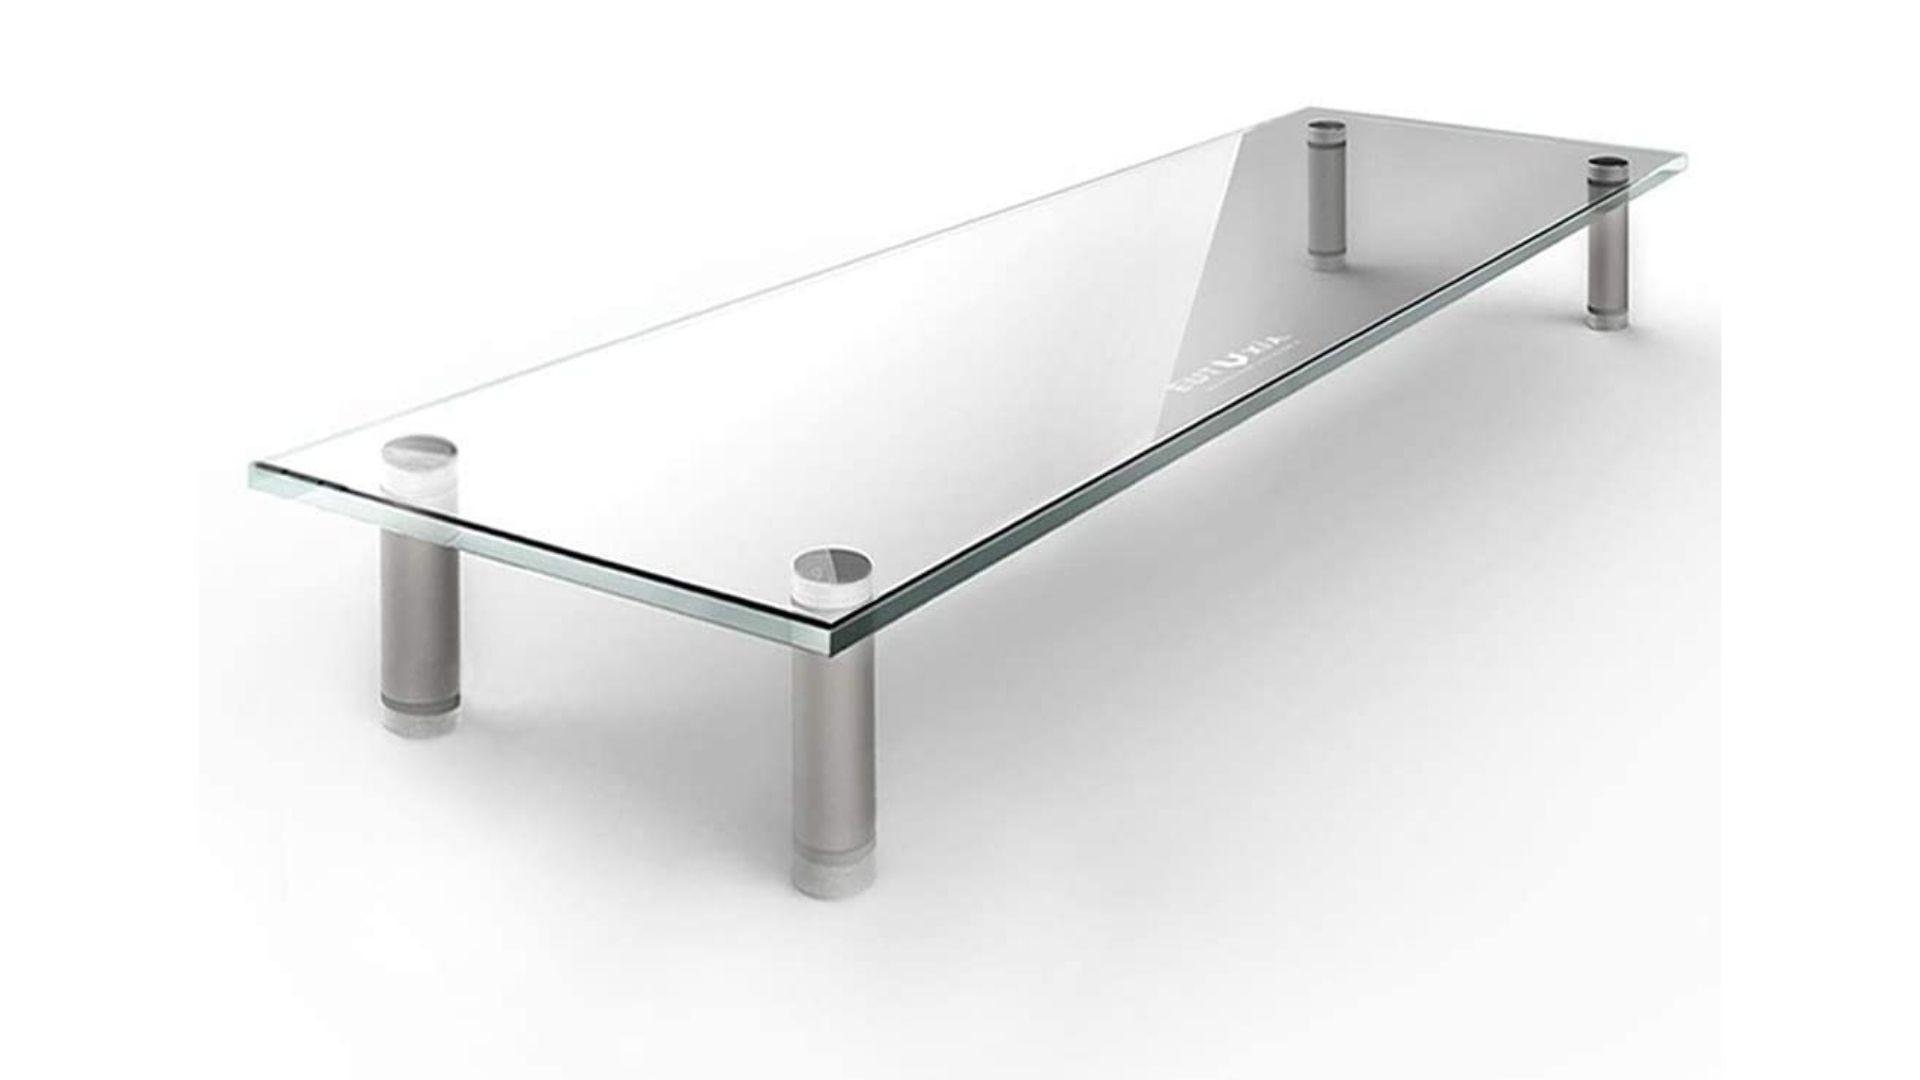 حامل شاشة من الزجاج المقوى من نوع Eutuxia Type-M